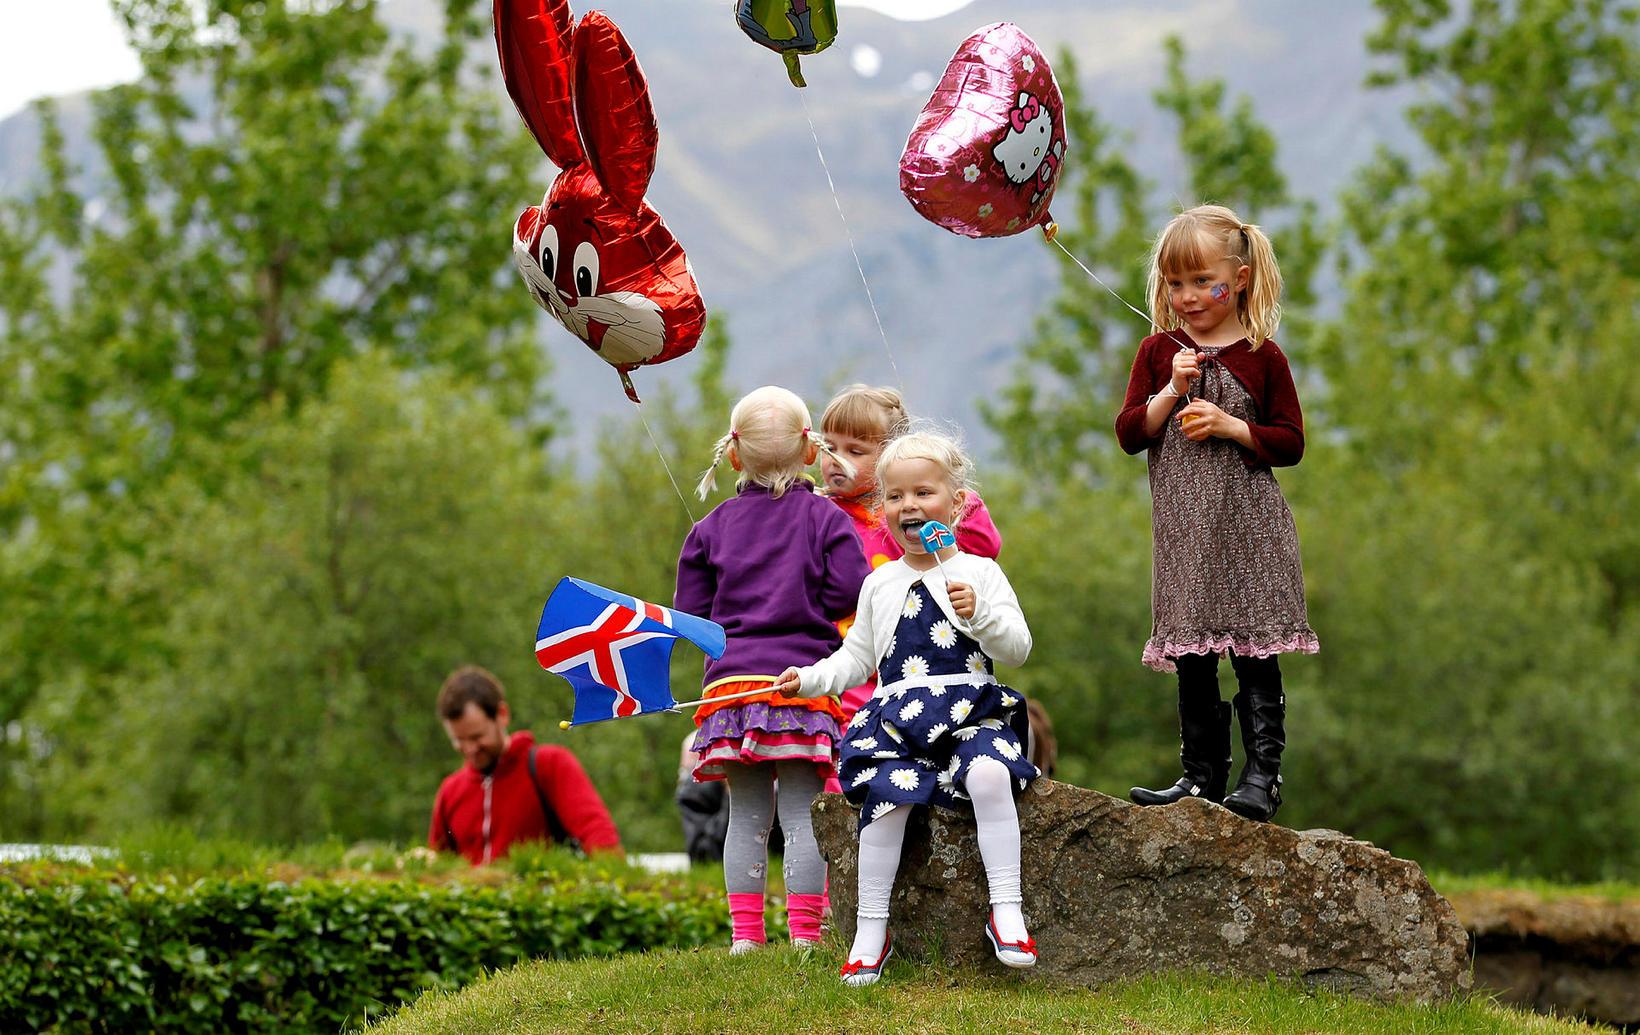 Börn fagna þjóðhátíðardreginum í Skallagrímsgarði á þessari mynd úr safni. …